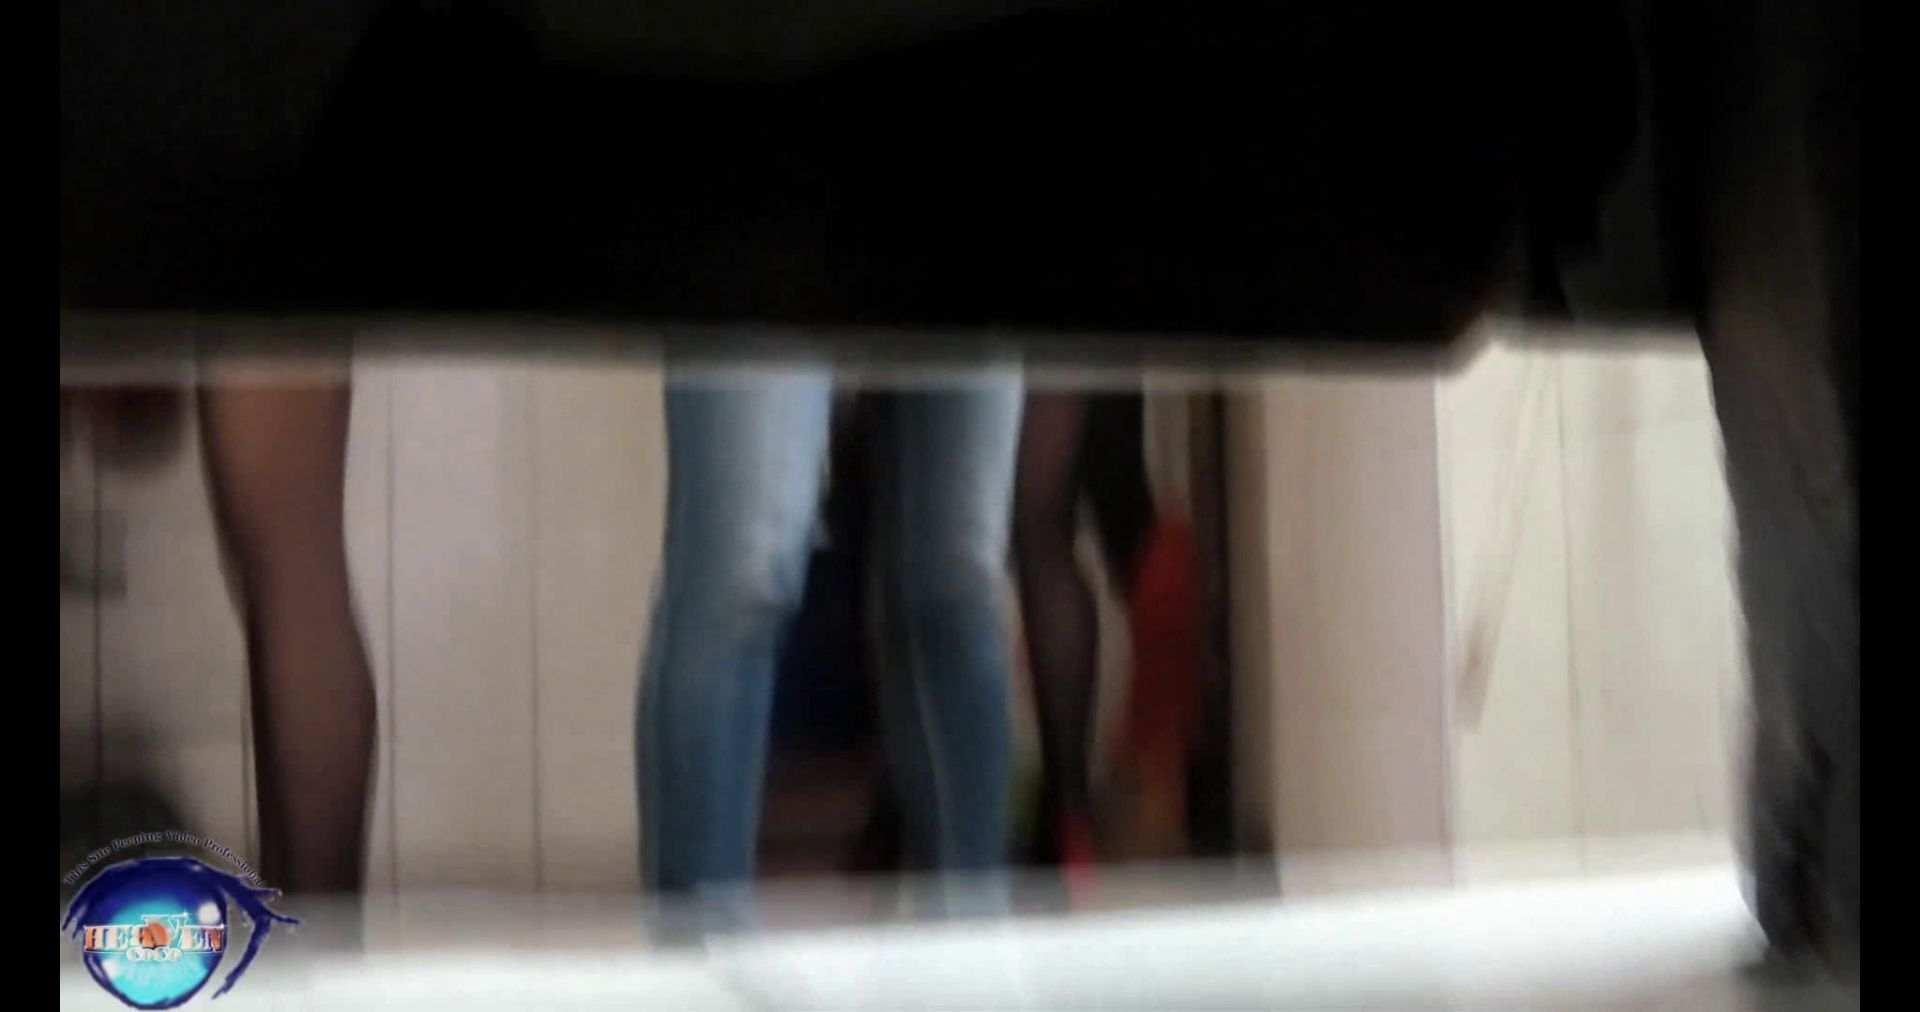 世界の射窓から~ステーション編~vol.34 無料動画のモデルつい本番登場Ⅱやっぱり違います 本番 | OL女体  104連発 69